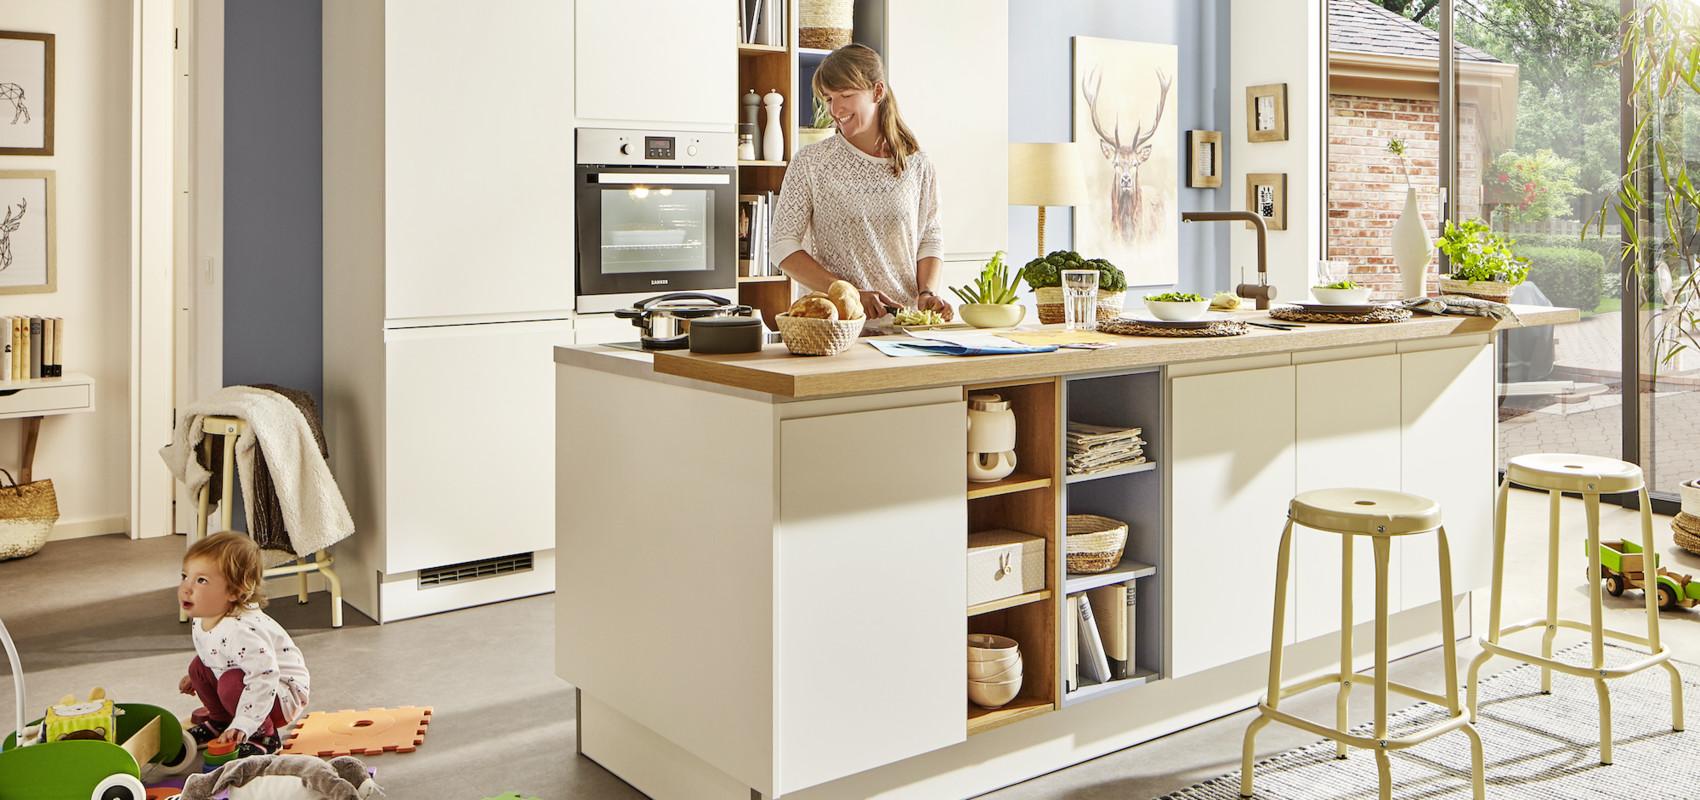 Full Size of Küchenzeile Home Kchen Bett Küche Wohnzimmer Pino Küchenzeile